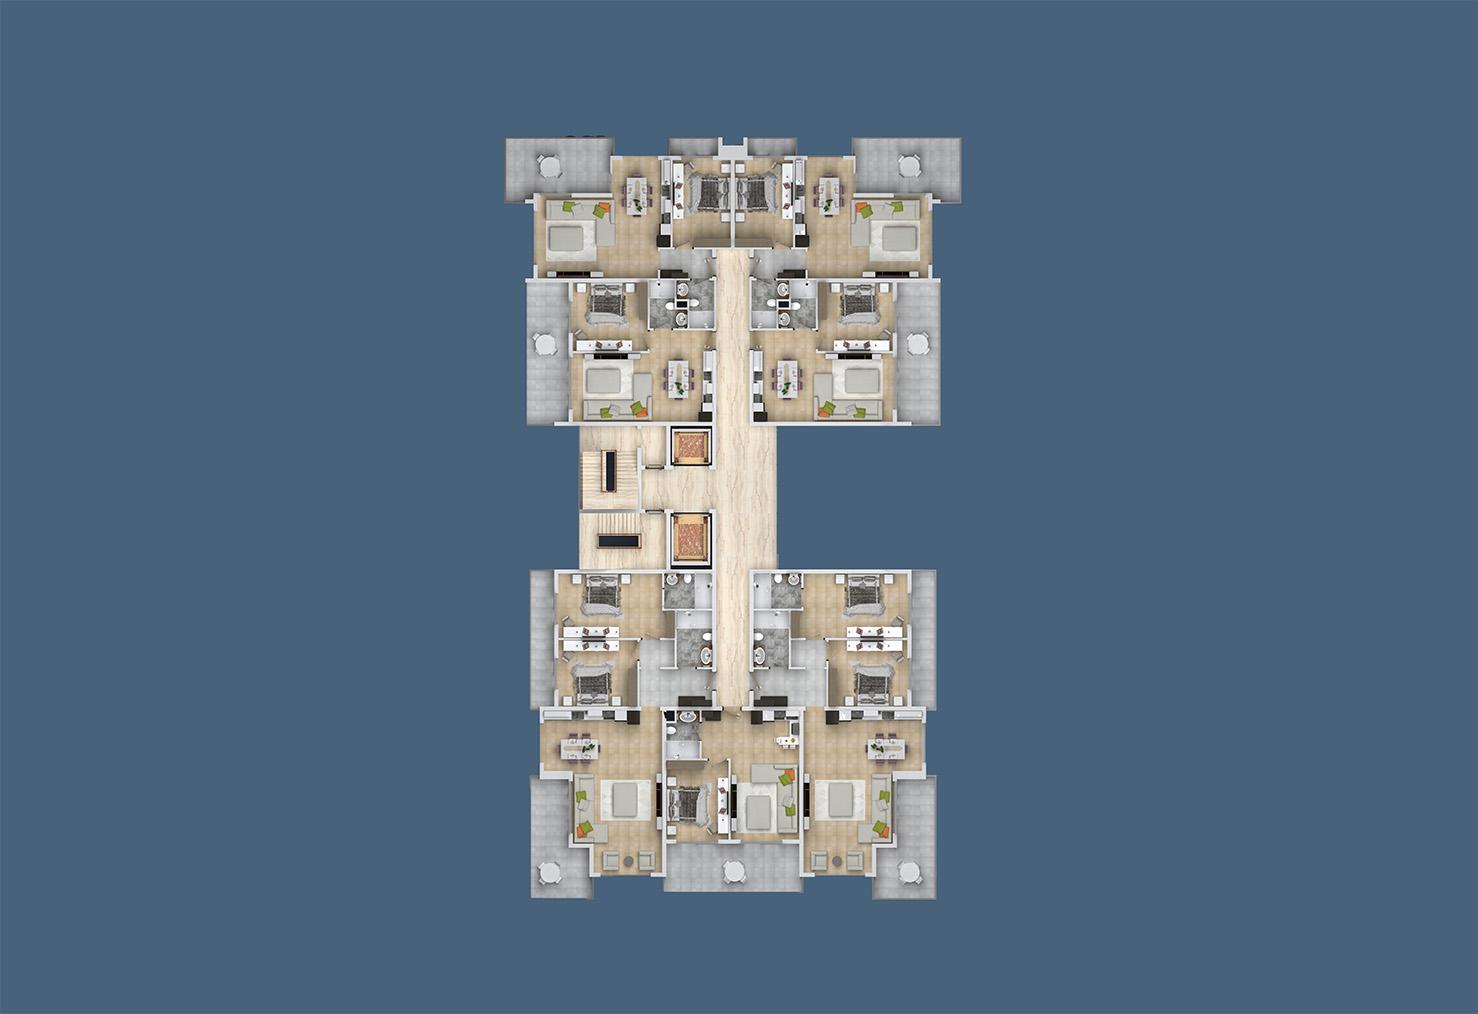 План расположения квартир 6 этаж D Yekta Kingdom Trade Center